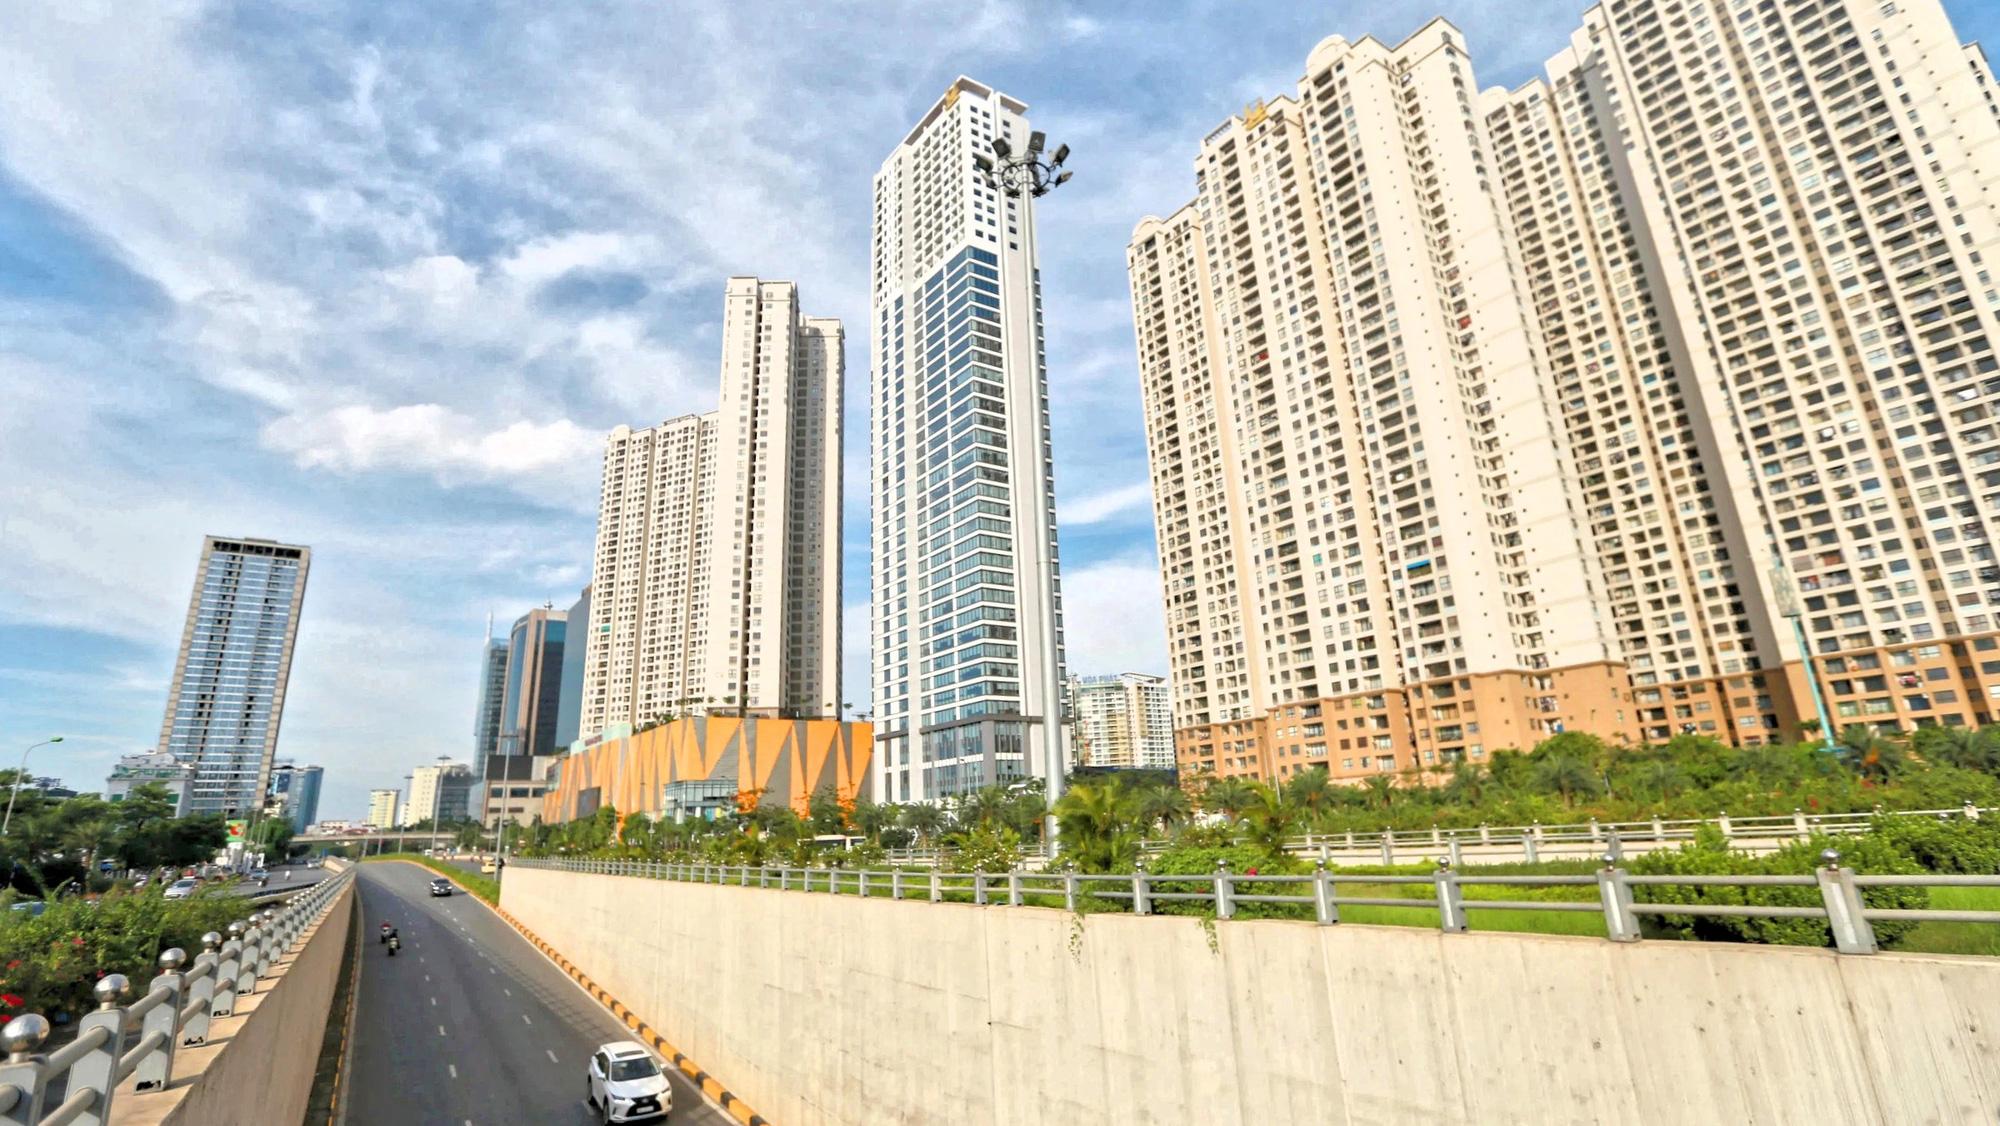 Thành viên Tân Hoàng Minh gọi vốn 1.900 tỷ đồng, tham gia vào dự án 'treo' gần 20 năm ở Thủ đô - Ảnh 1.